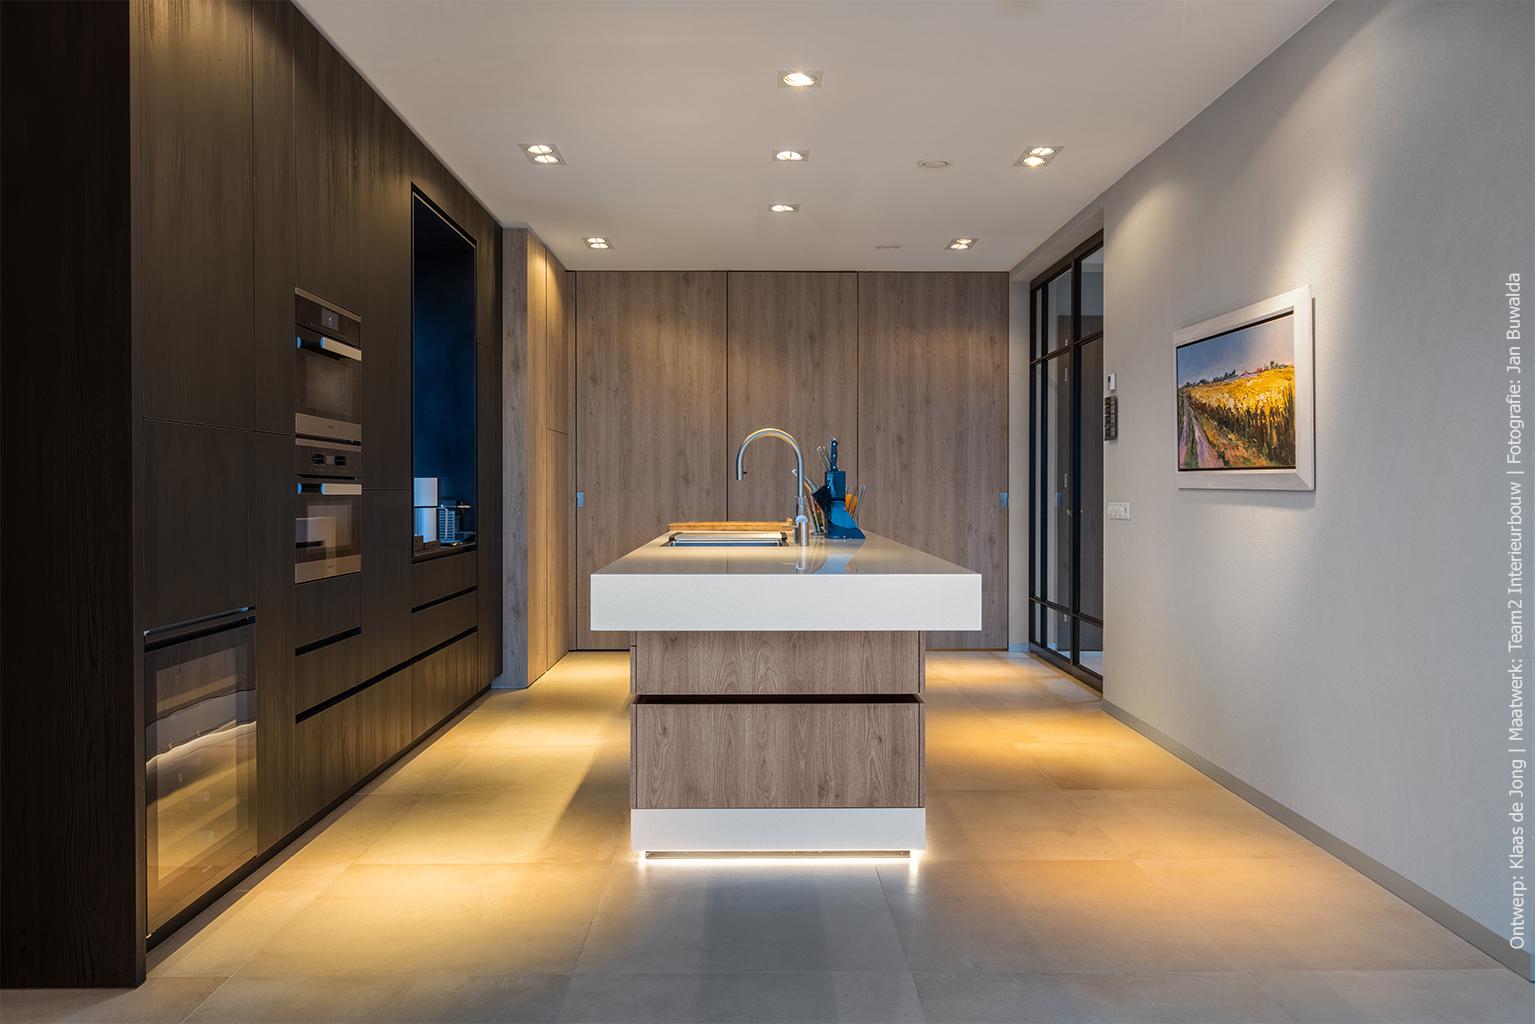 Maatwerk keuken in zwarte houtlook en lichte houtlook in S122 Pembroke en U129 Esperia